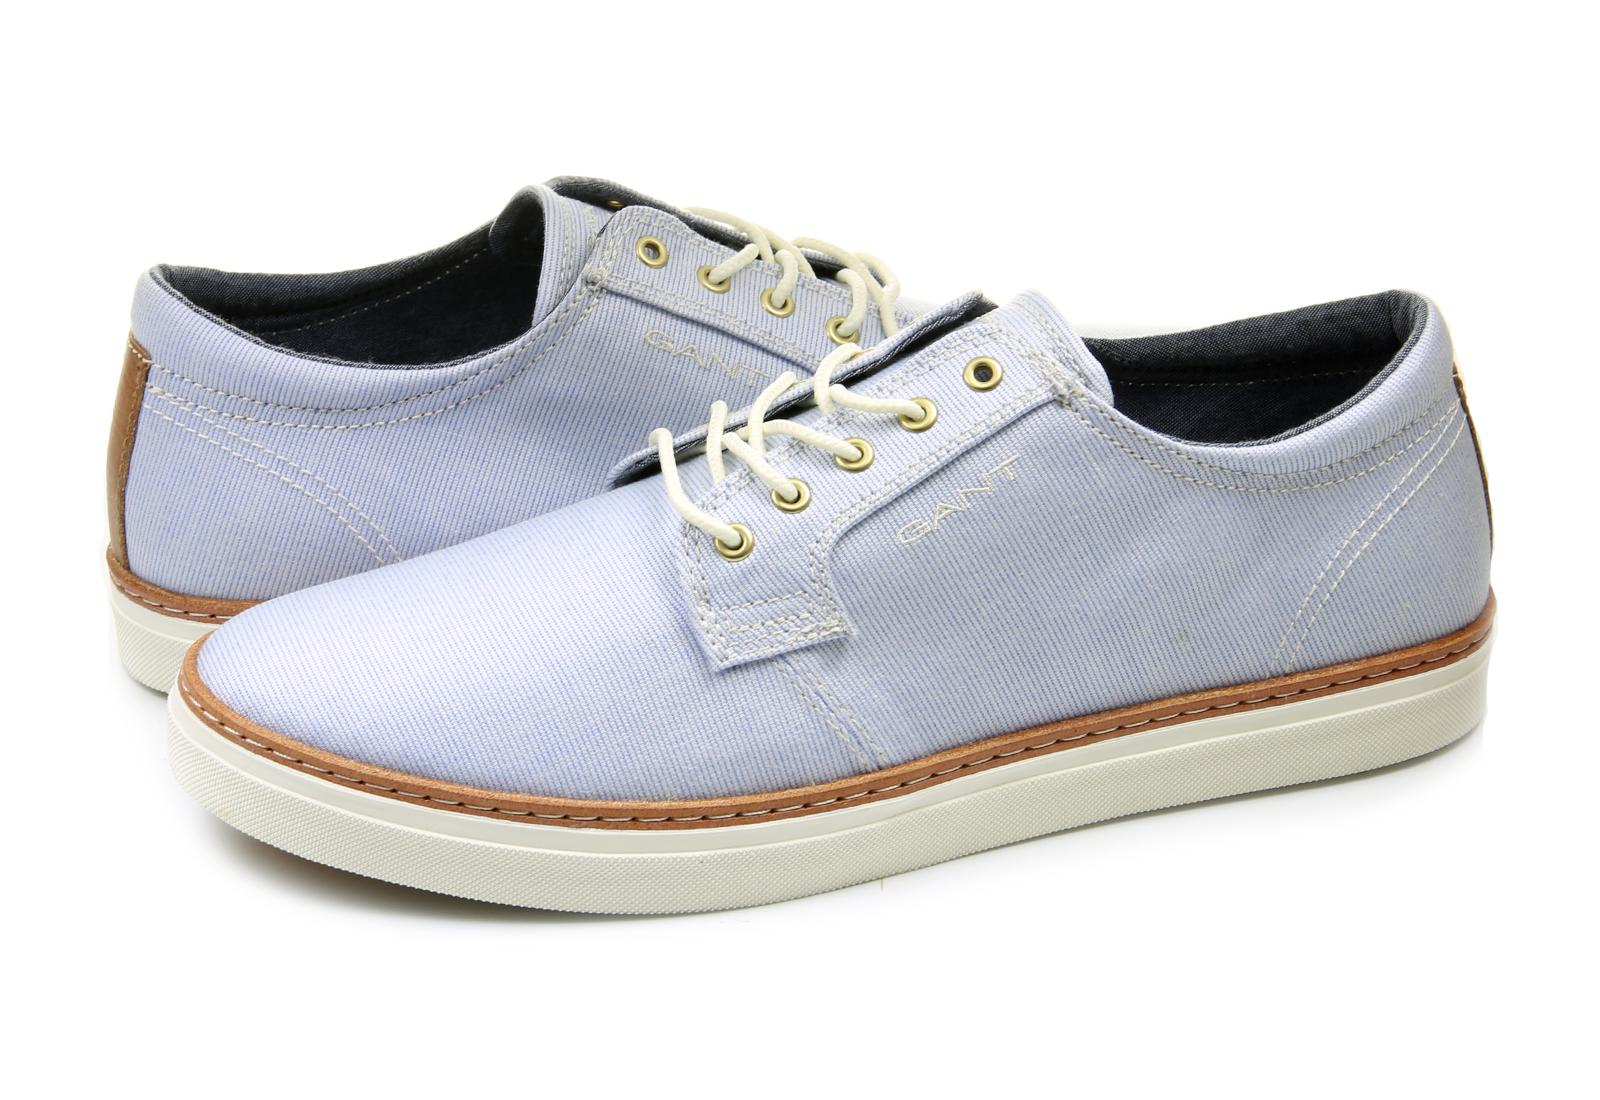 Gant Cipő - Bari - 14638949-G630 - Office Shoes Magyarország 049d875561